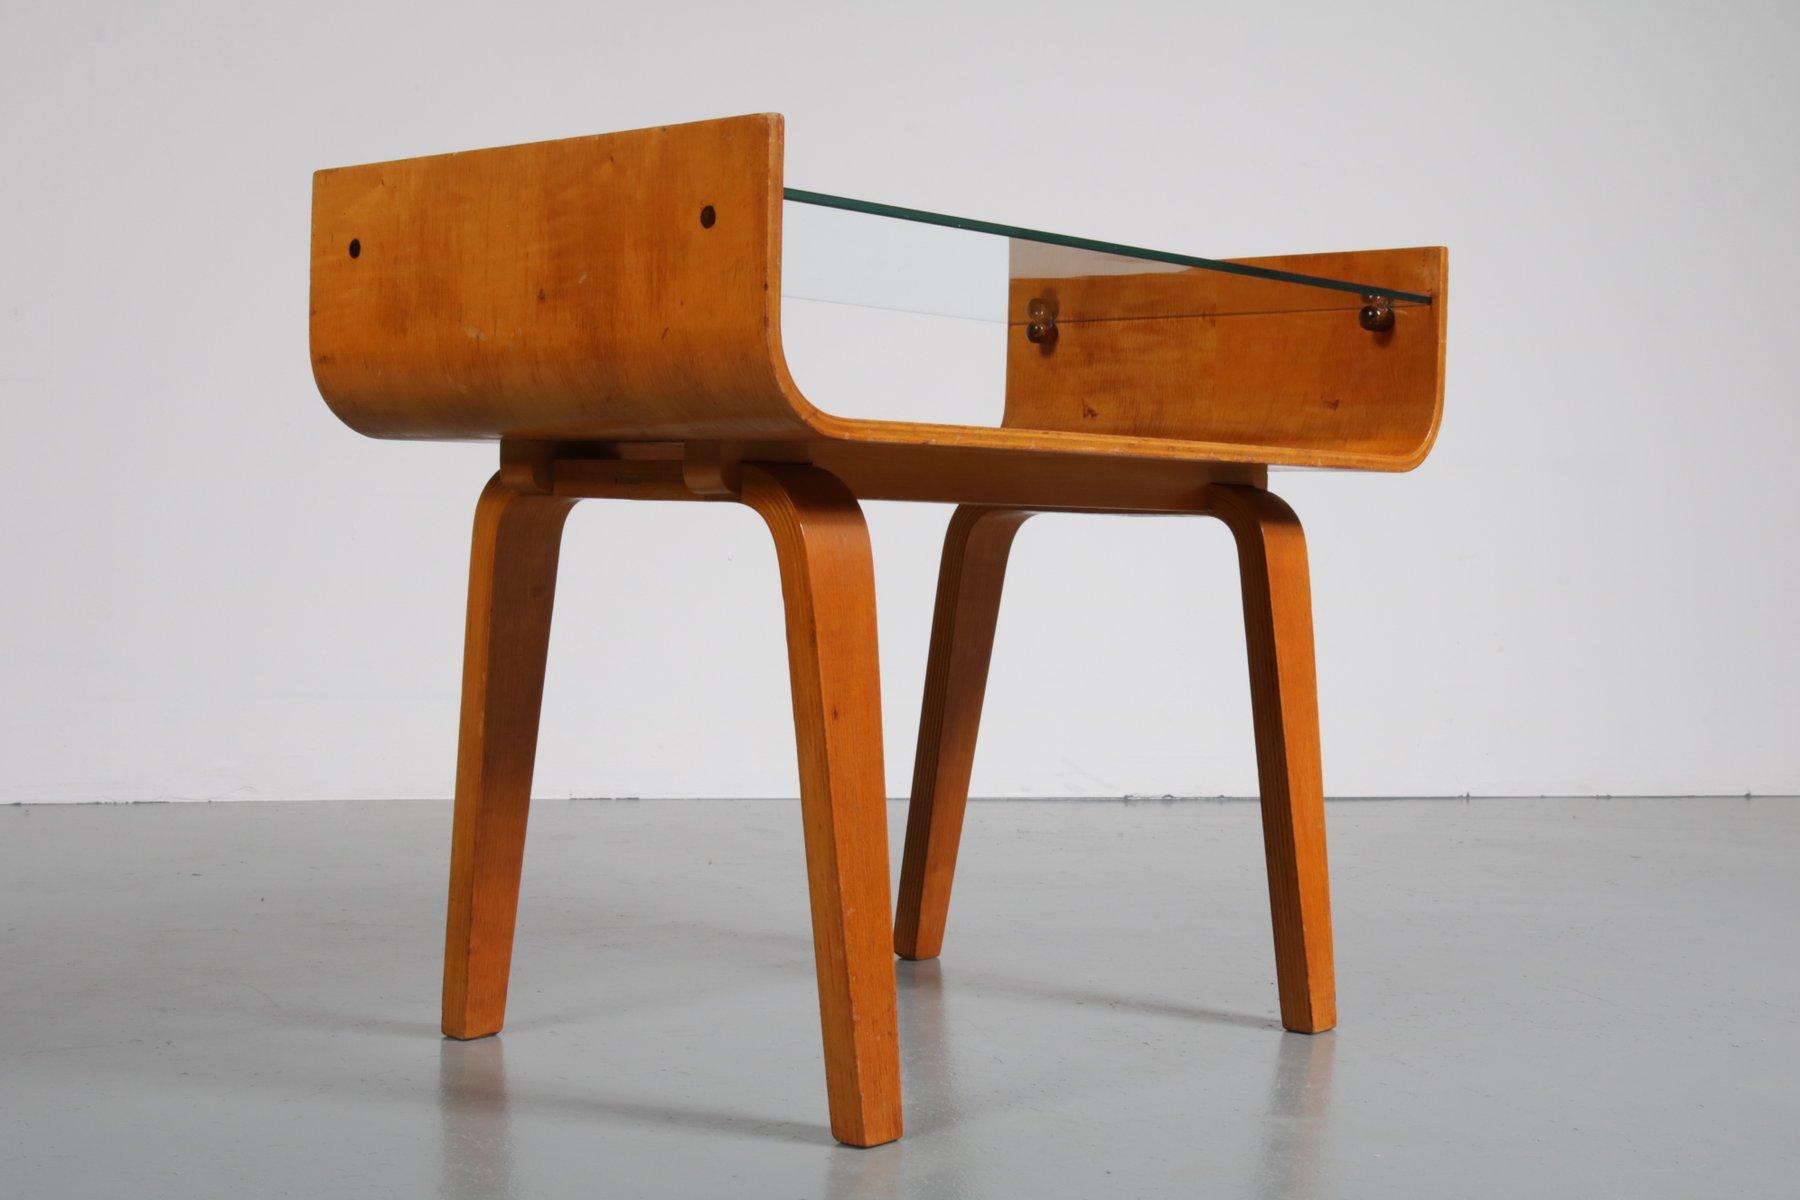 birken schichtholz beistelltisch von cor alons f r gouda den boer 1950er bei pamono kaufen. Black Bedroom Furniture Sets. Home Design Ideas